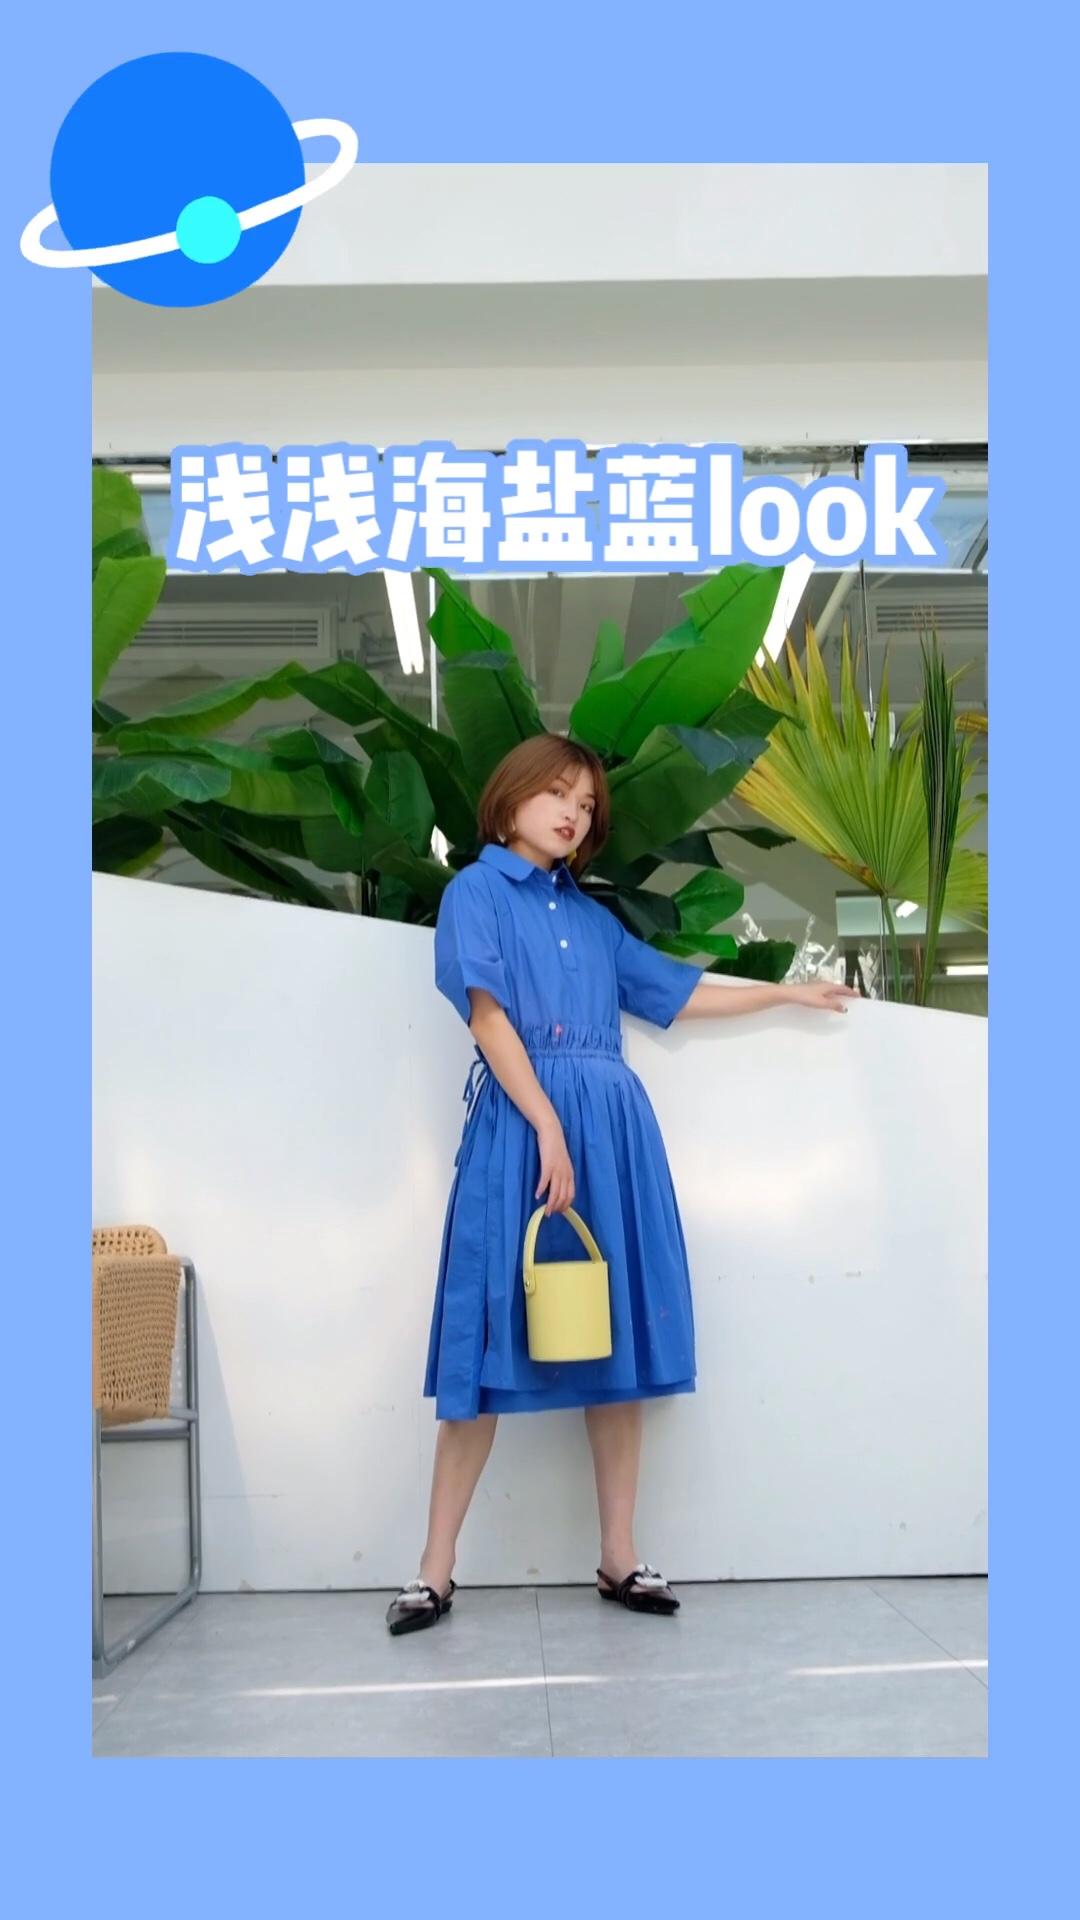 #蘑菇街新品测评# 浅浅海盐蓝look 蓝色在夏日也是一抹亮色 抽绳设计凸显腰身 无意间裙子上的泼墨让整体更丰富 黄色水桶包也是不错的搭配哦!